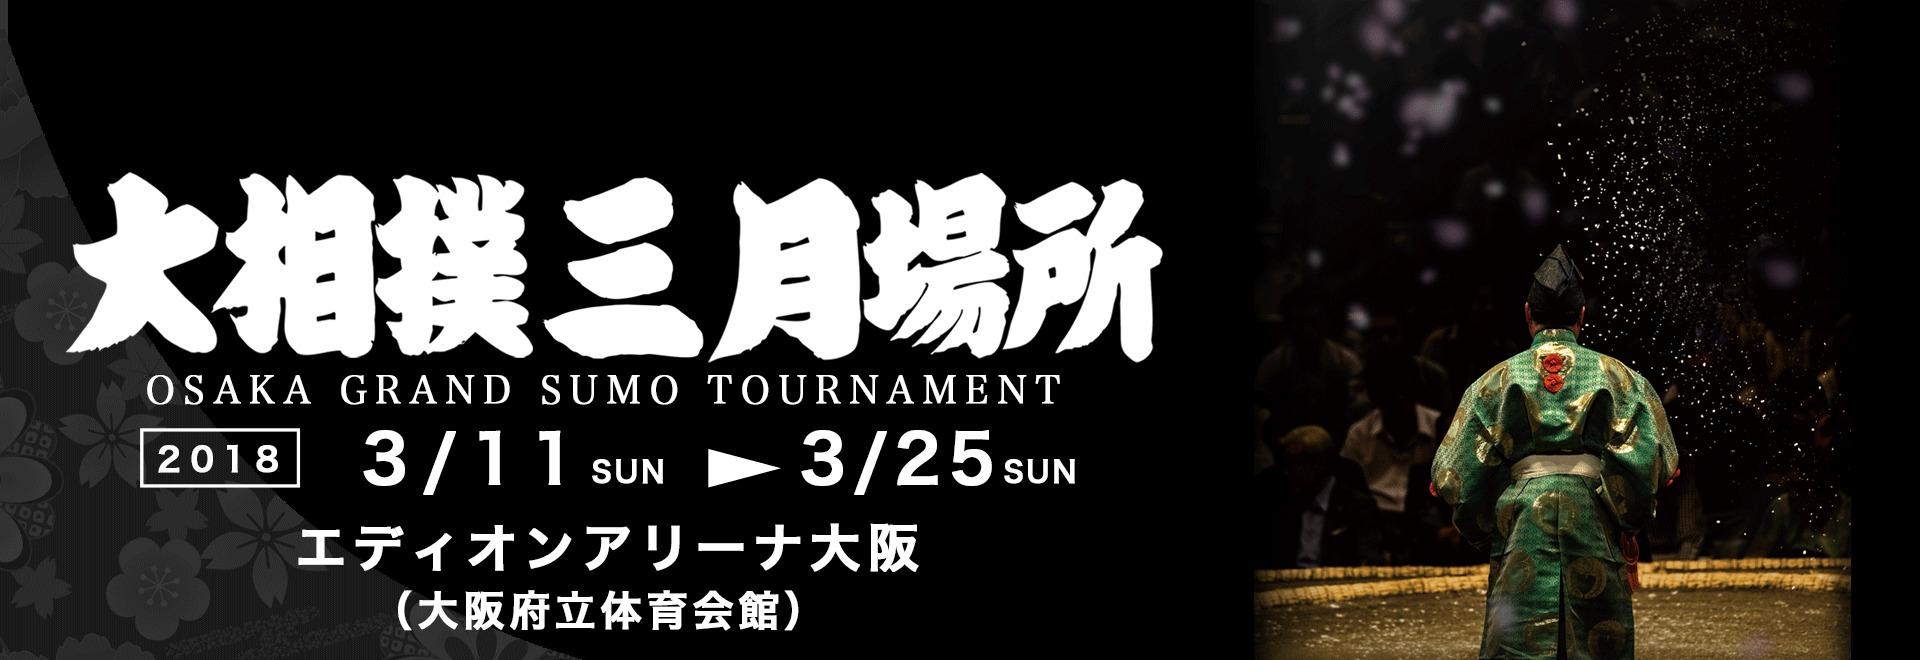 3月11日(日)から15日間、大阪府立体育会館で大相撲三月場所が開催される